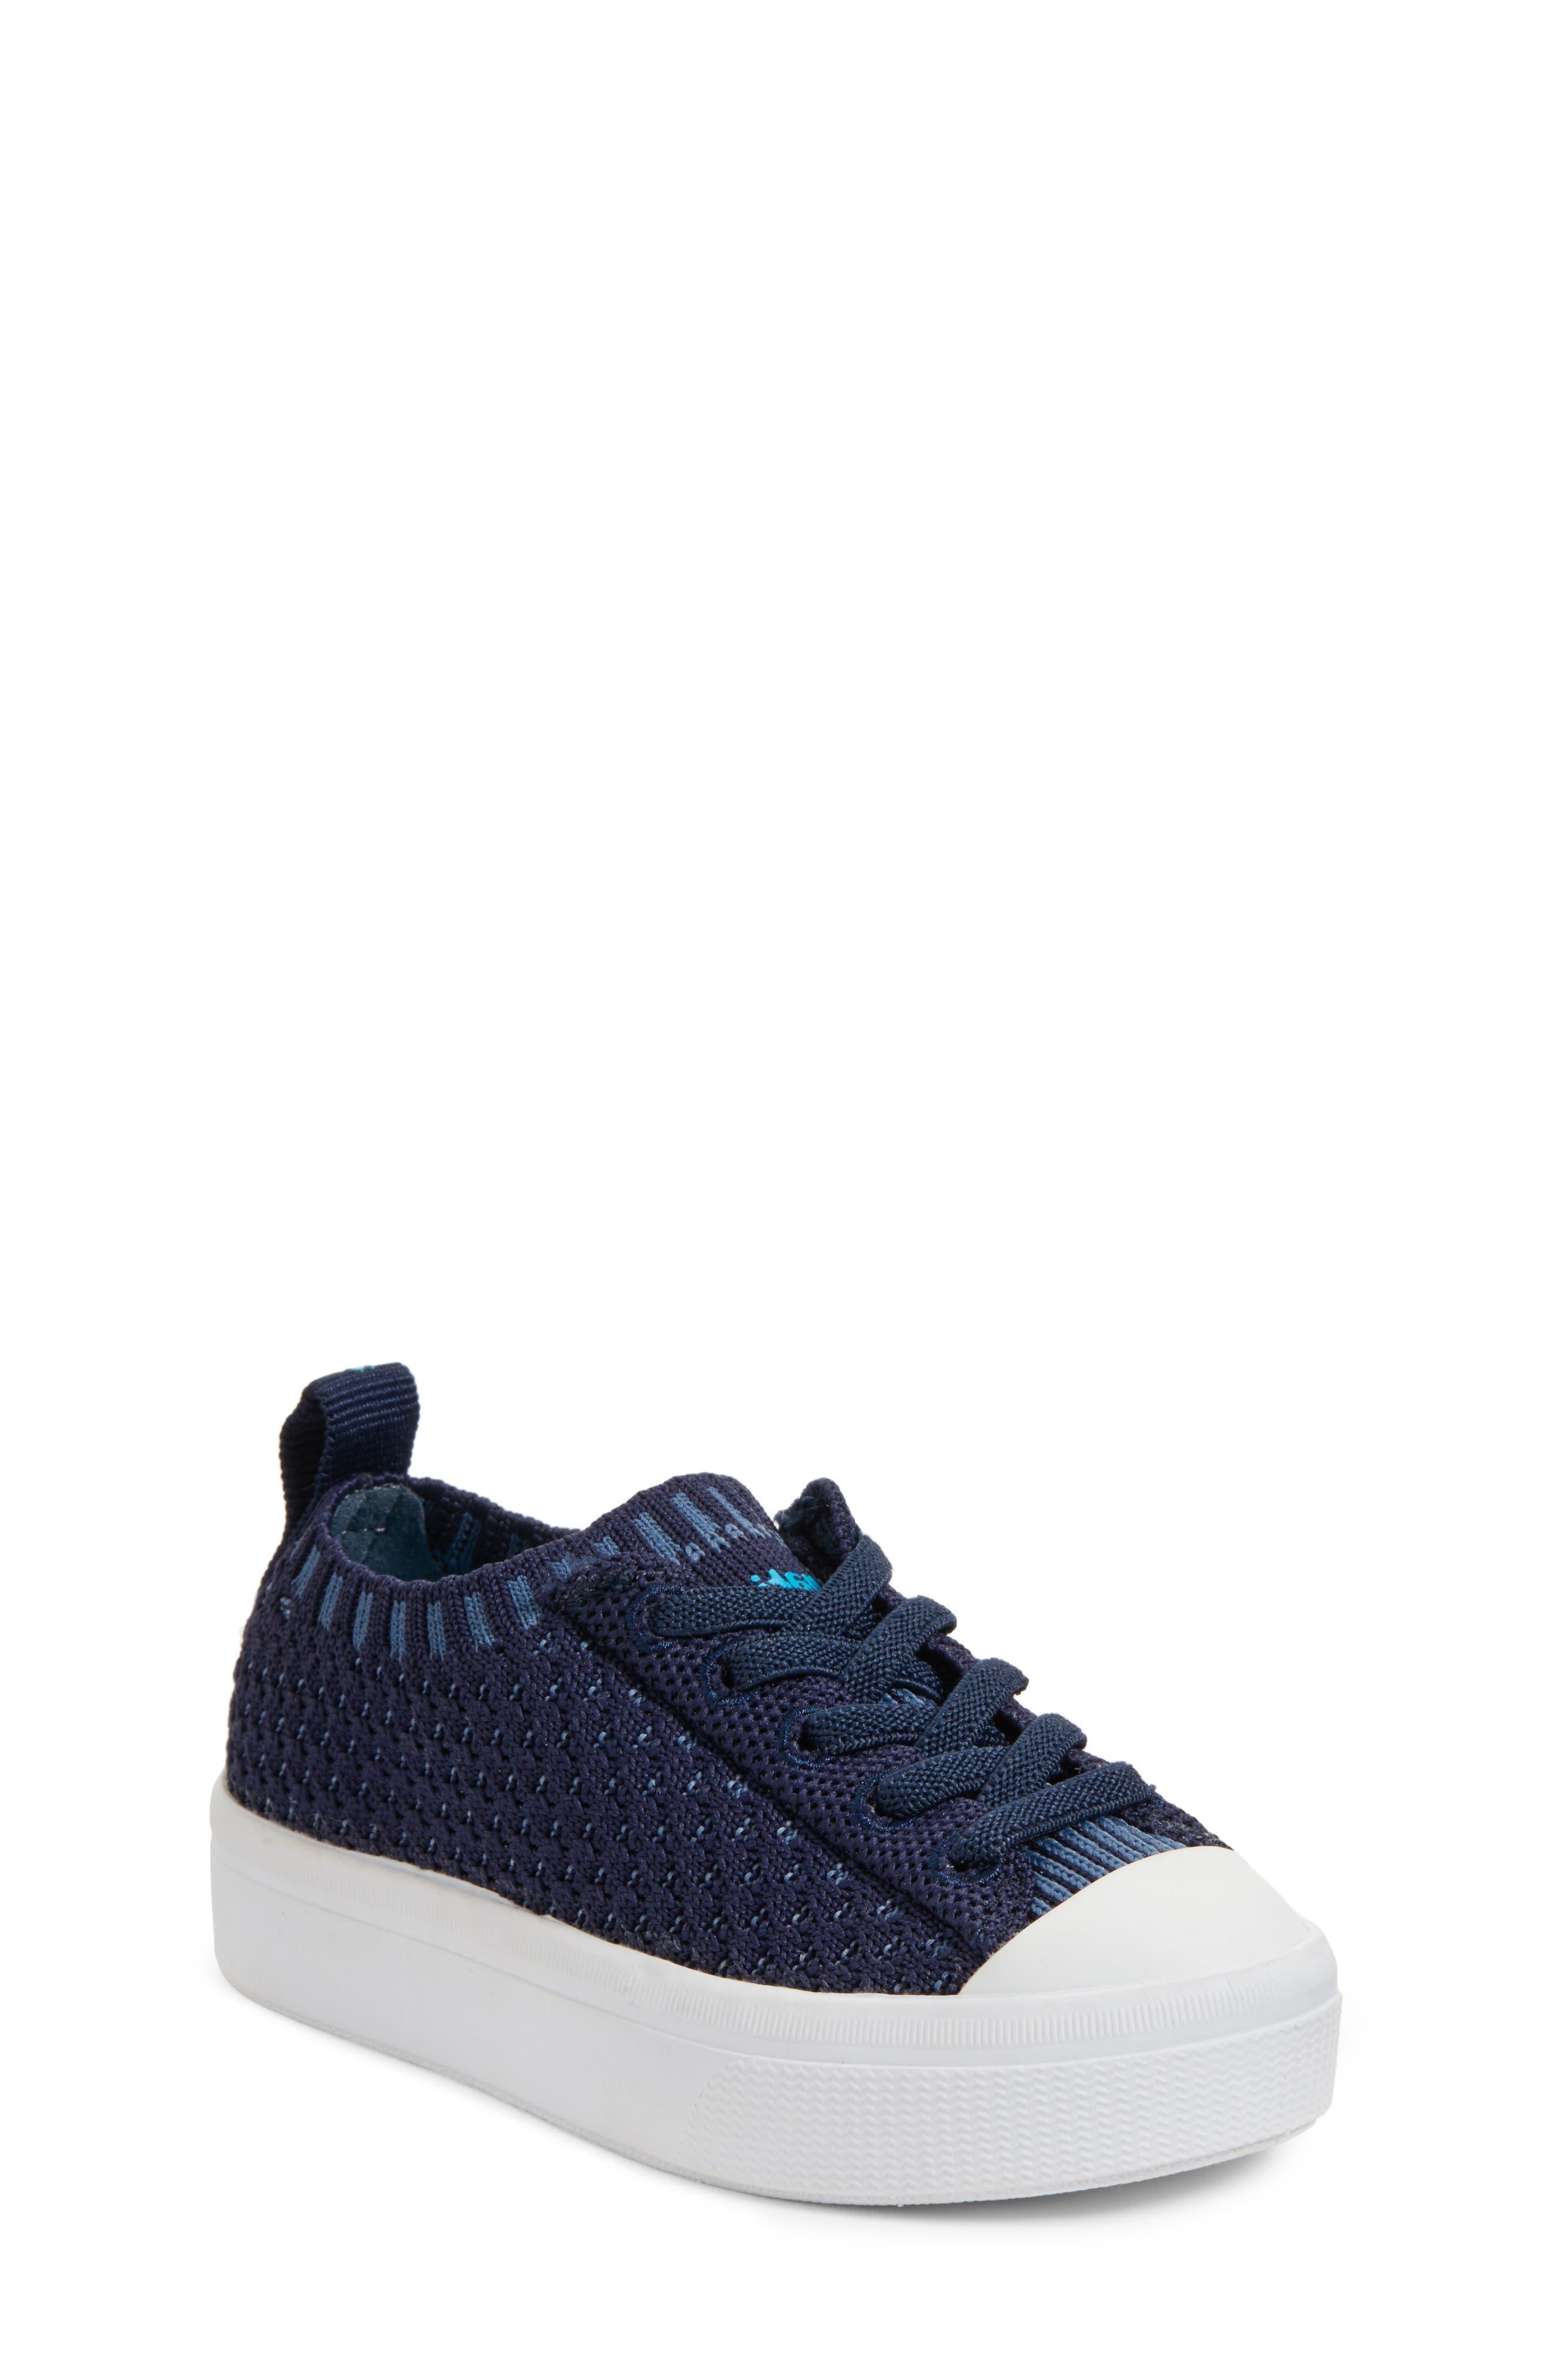 Native Jefferson 2.0 LiteKnit Sneaker (Walker, Toddler & Little Kid)